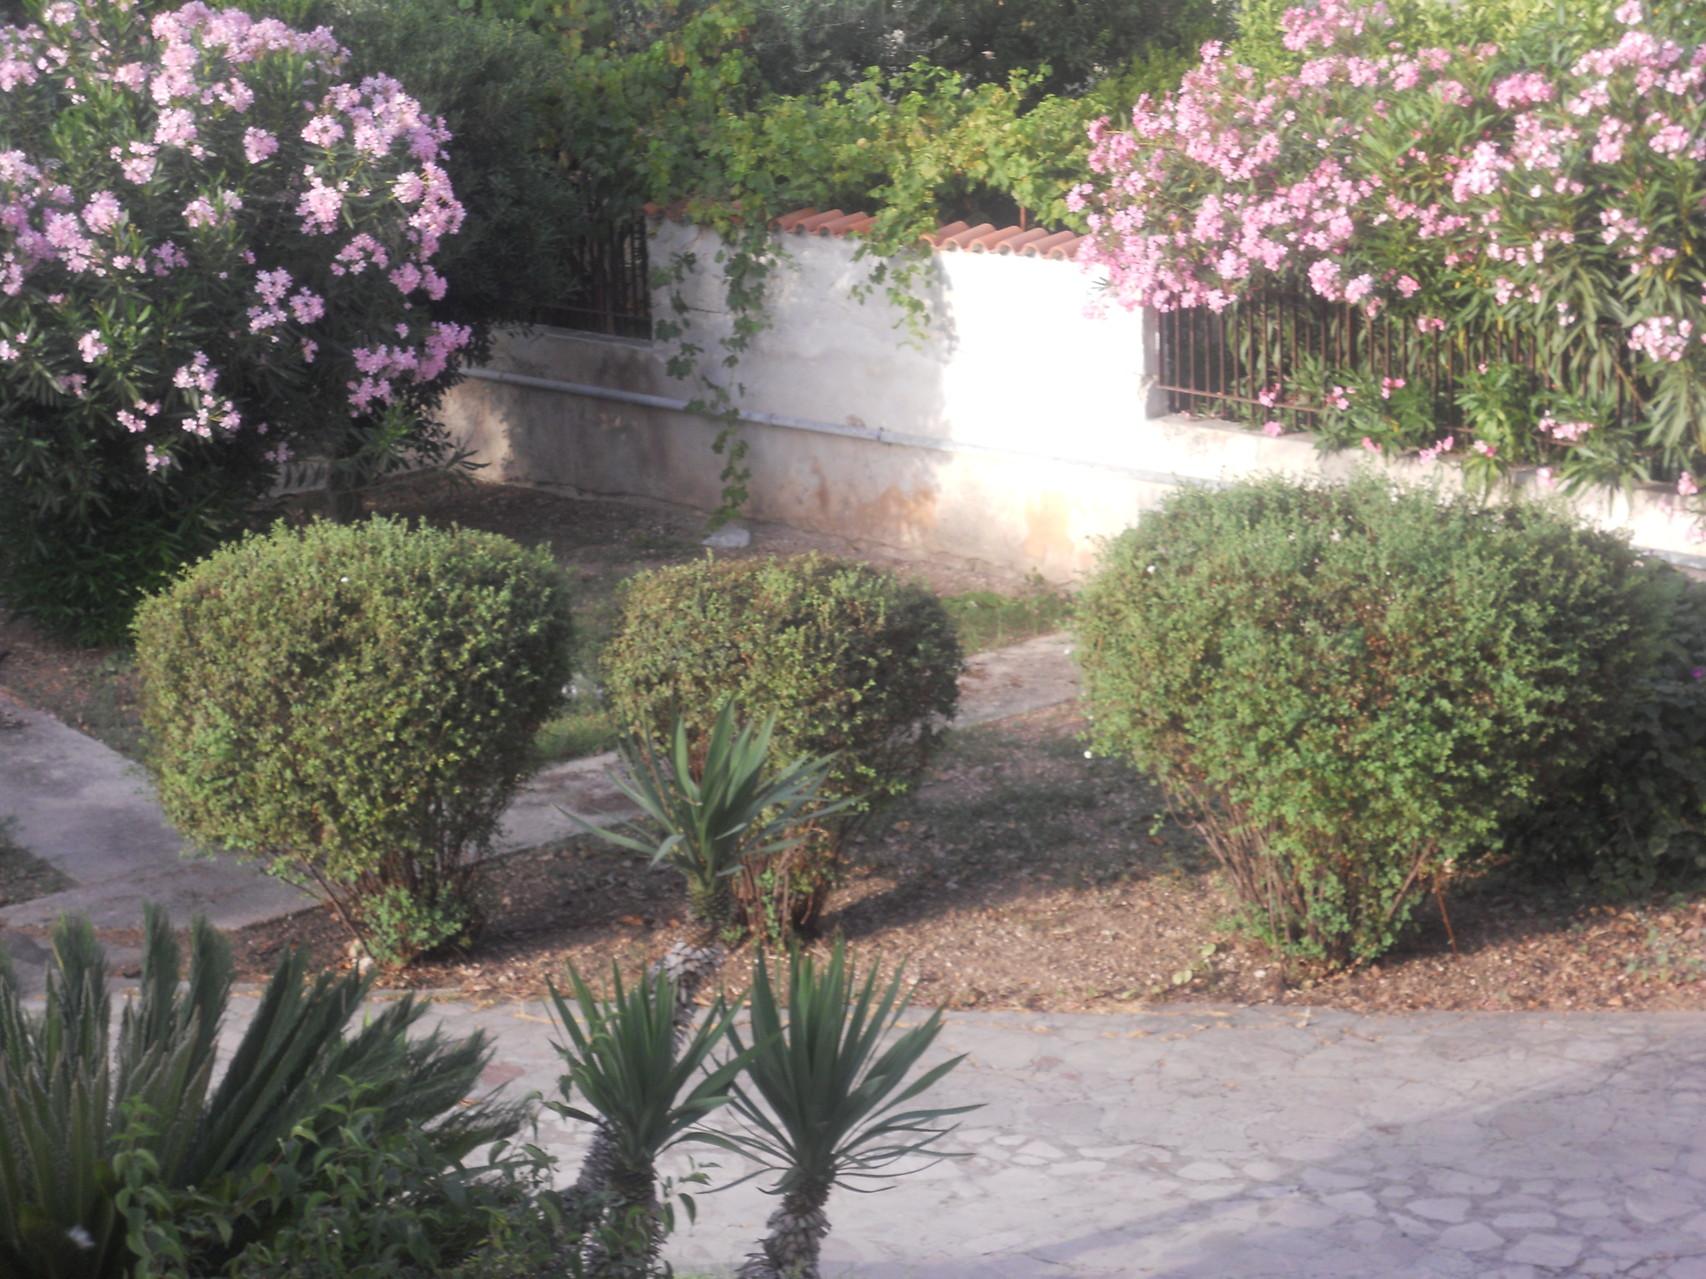 Rechtse deel van de tuin van bovenaf gezien.